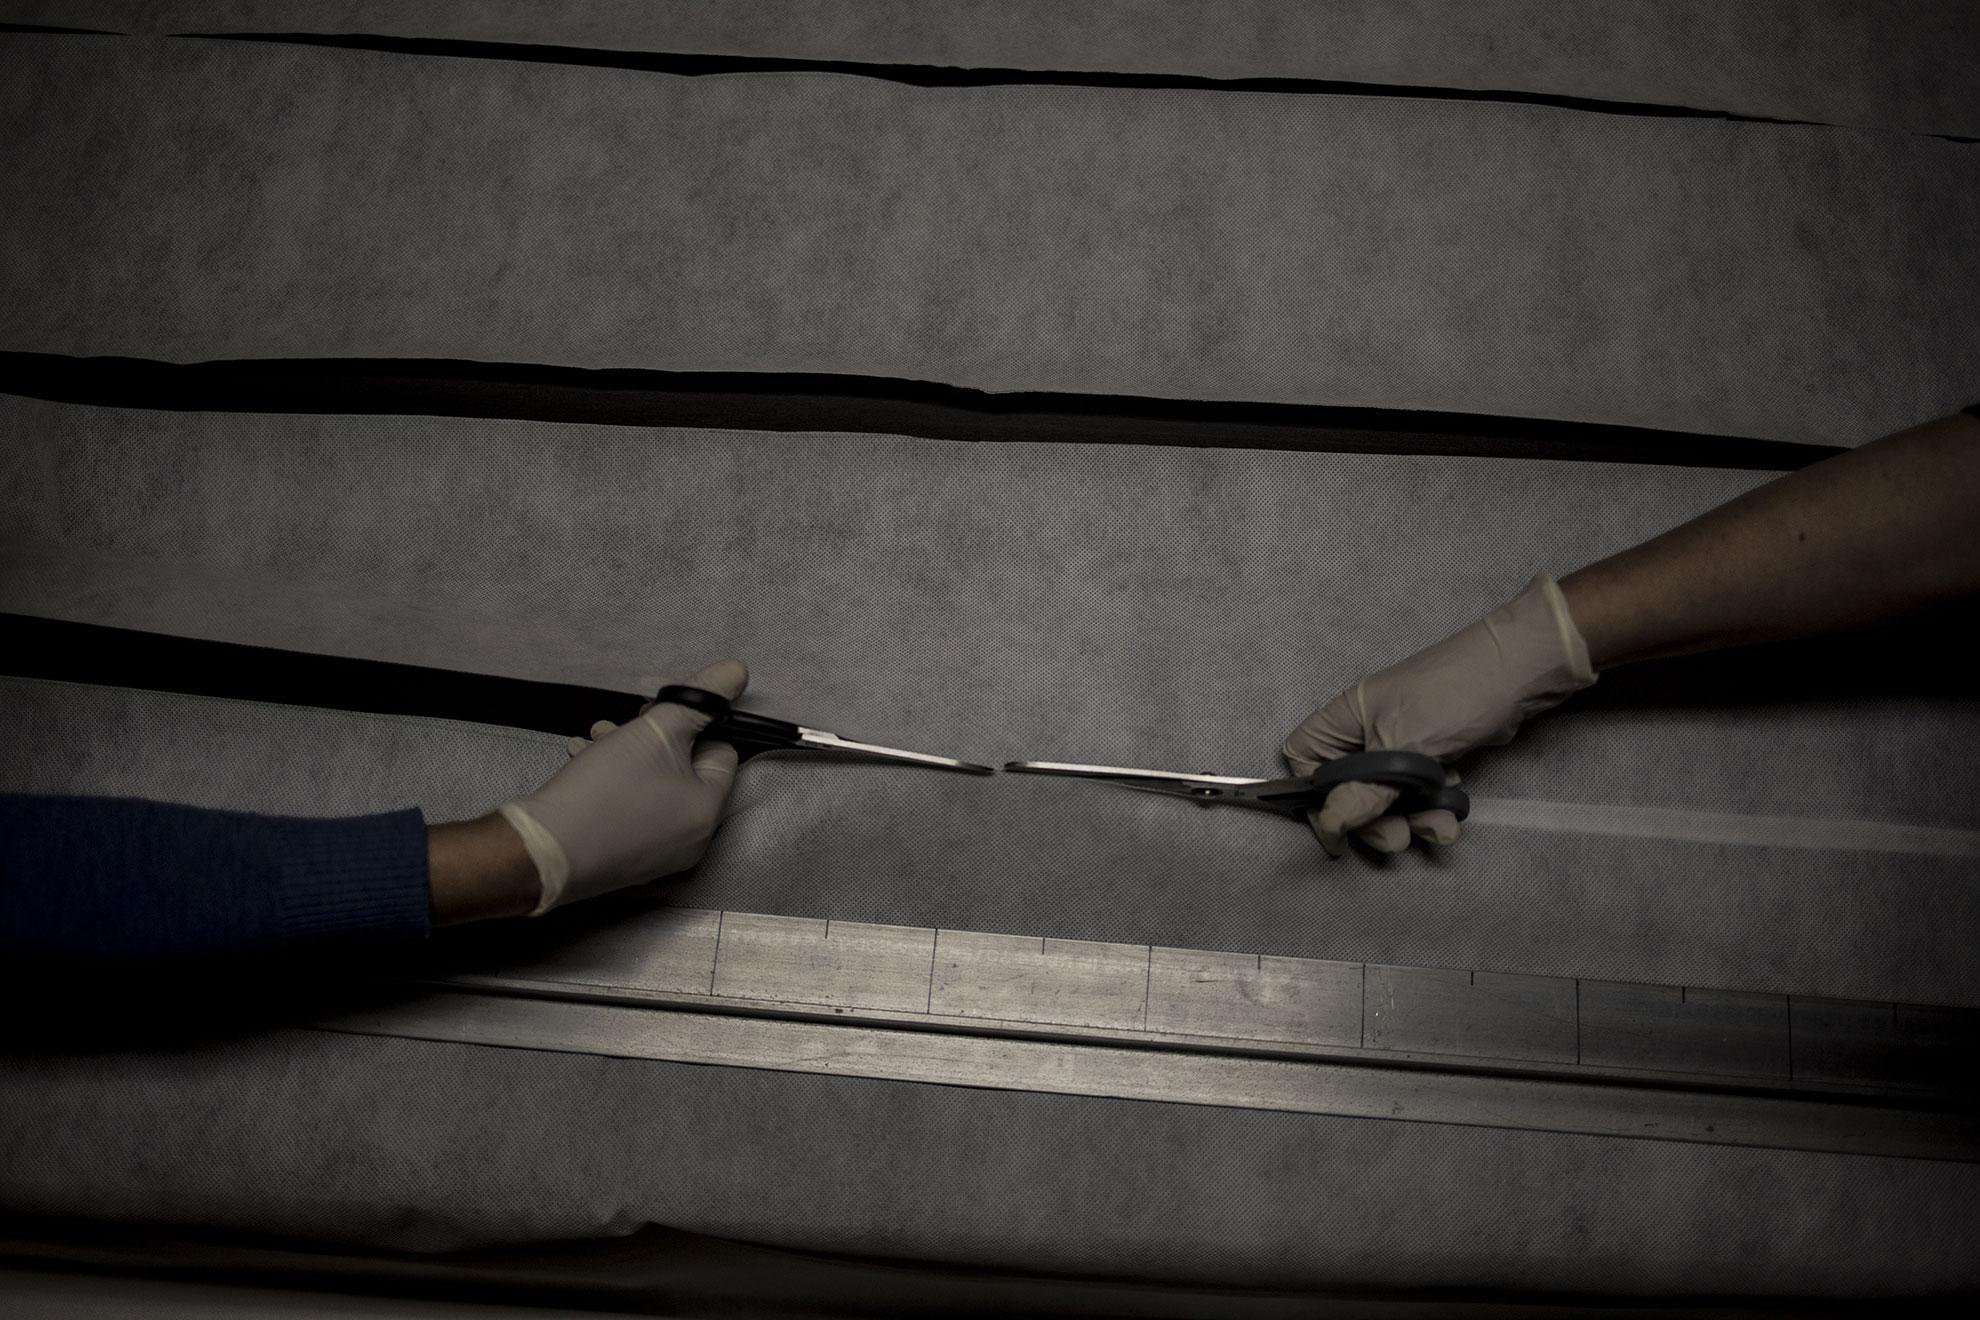 María José y Fátima cortan tela de microfibra para confeccionar mascarillas caseras en Jerez, España, el sábado 21 de marzo. Esta iniciativa popular comenzó el día anterior con una producción de 300 mascarillas que serán donadas a colectivos y personas necesitadas.